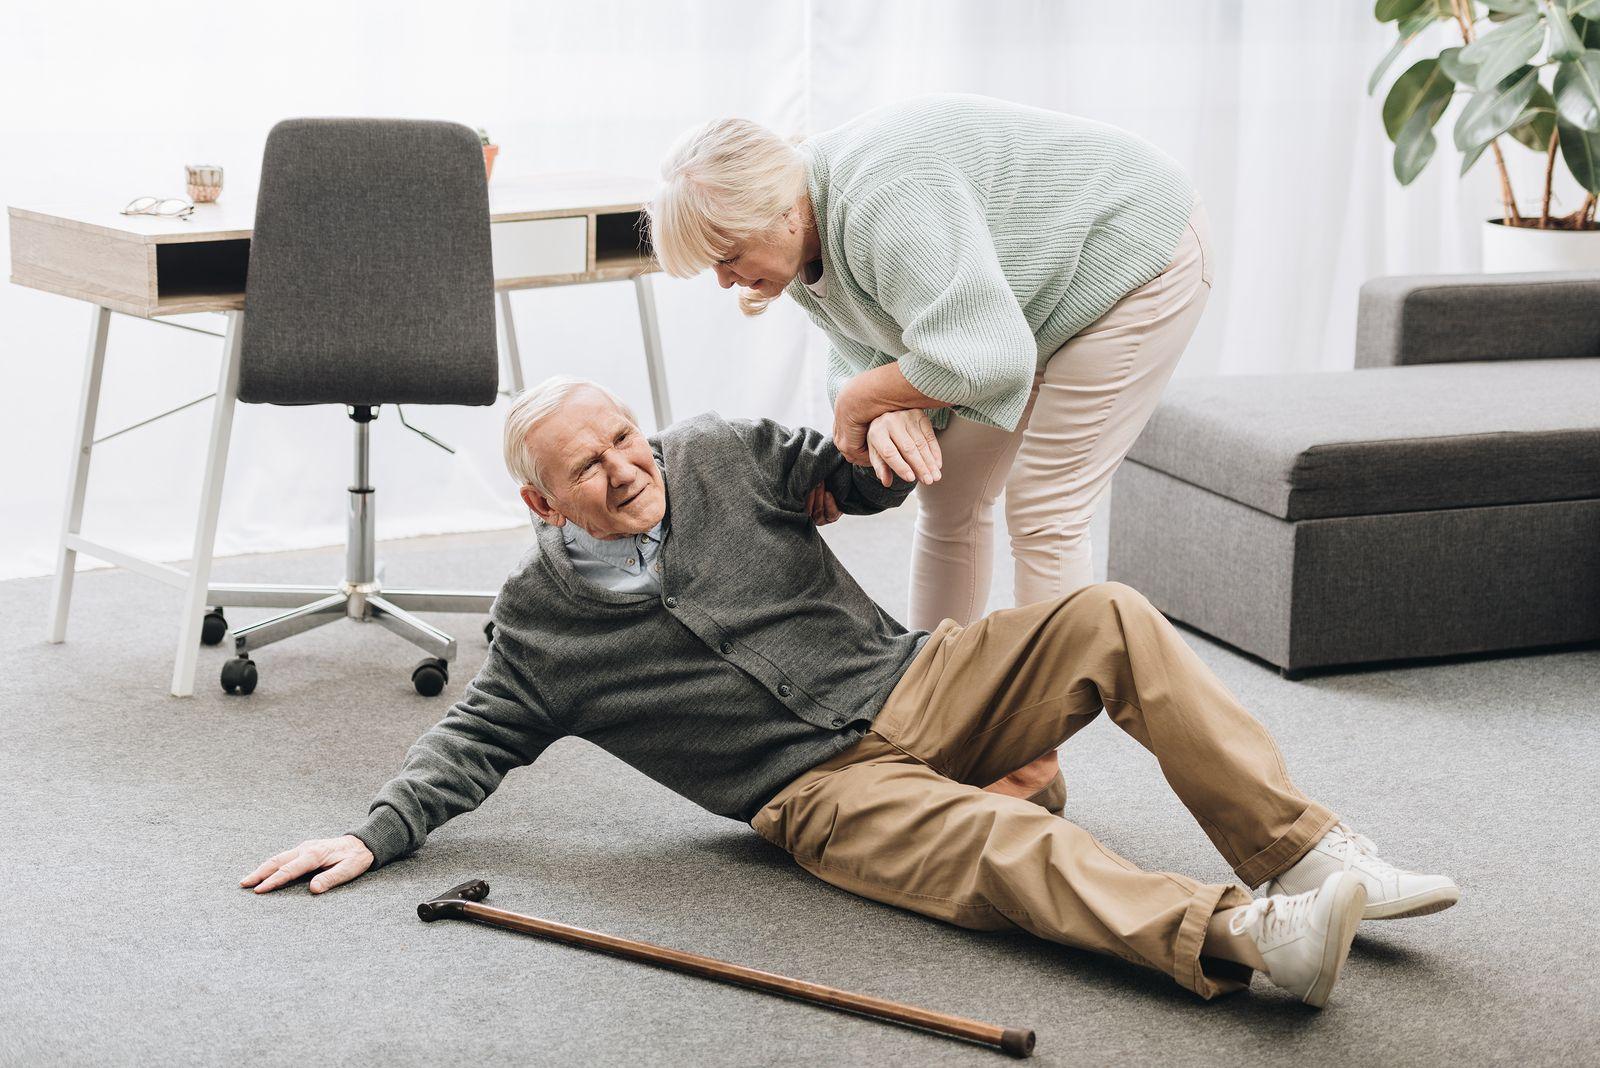 caida de ancianos domotica